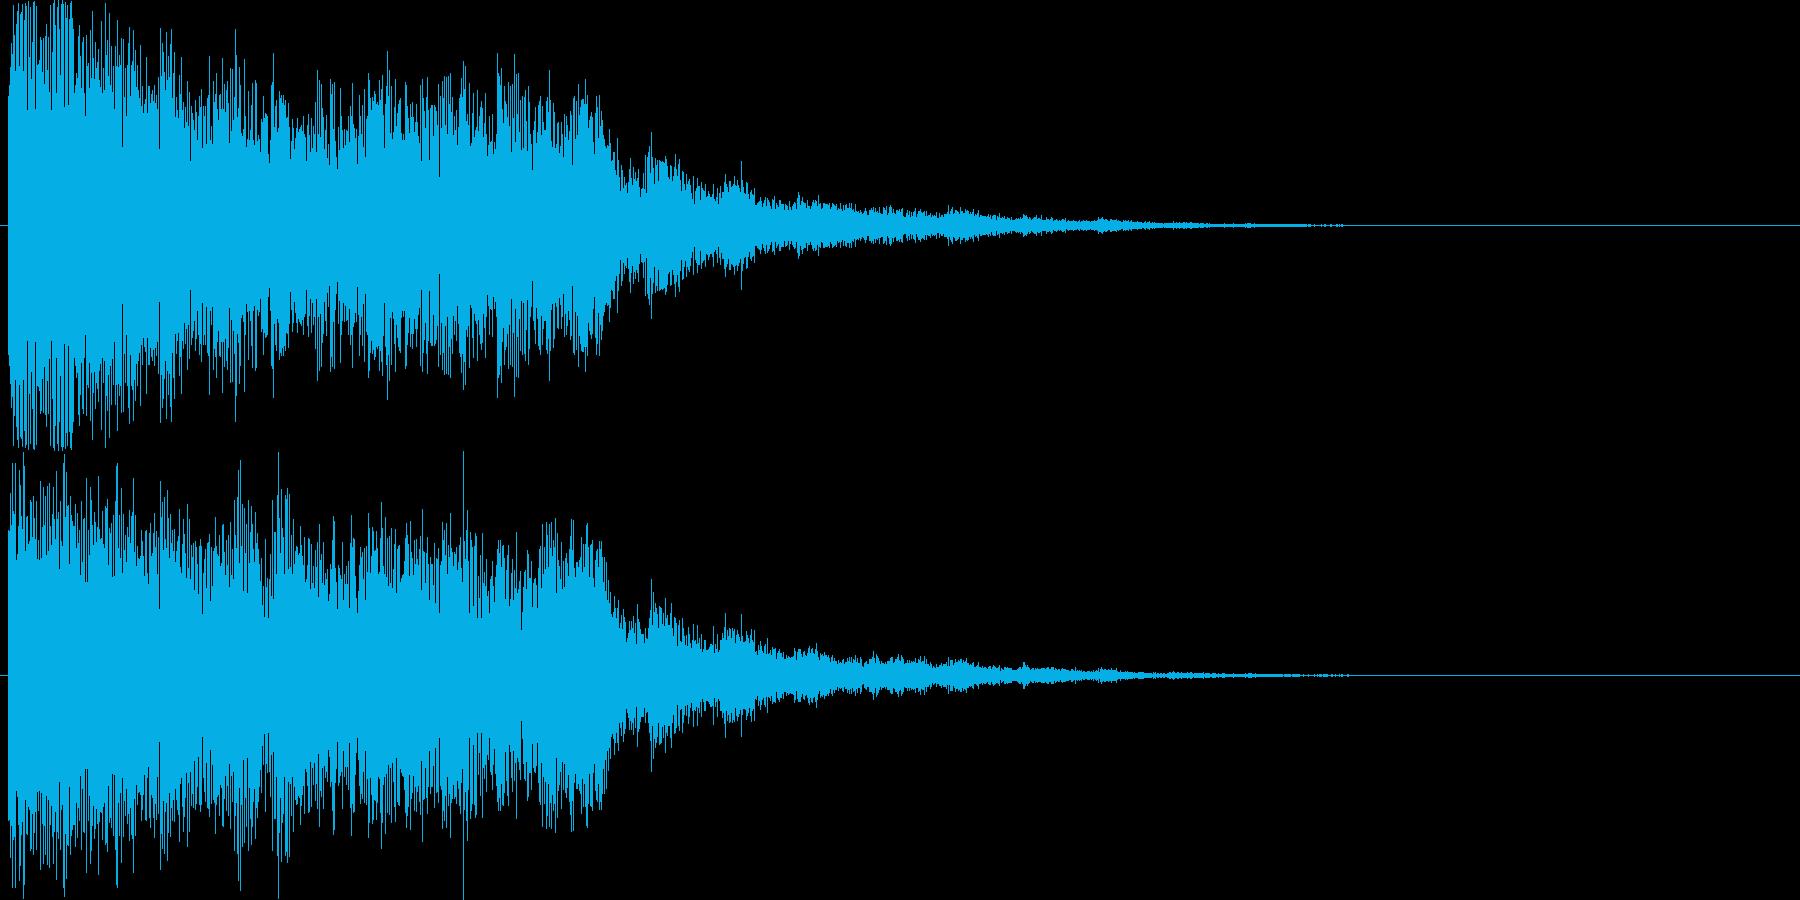 【場面転換】インパクト系効果音【魔法】の再生済みの波形